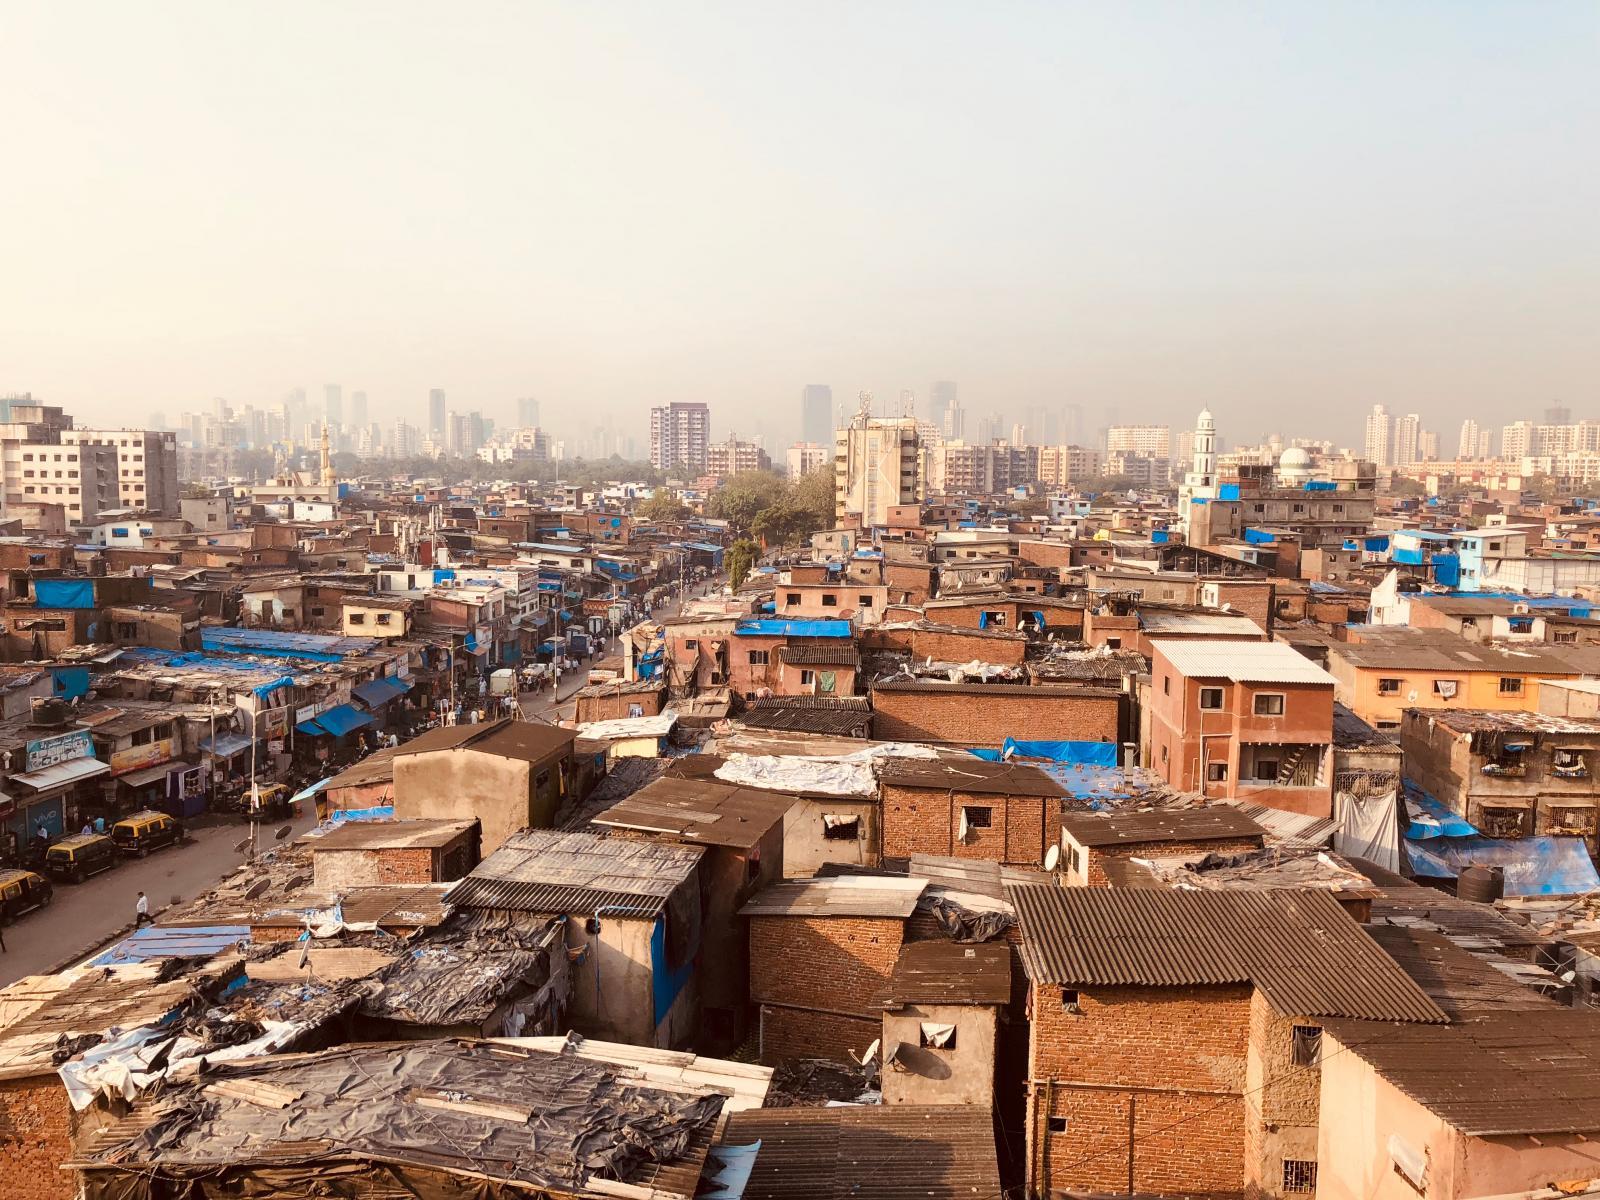 informal settlement of Dharavi. Heart of Mumbai